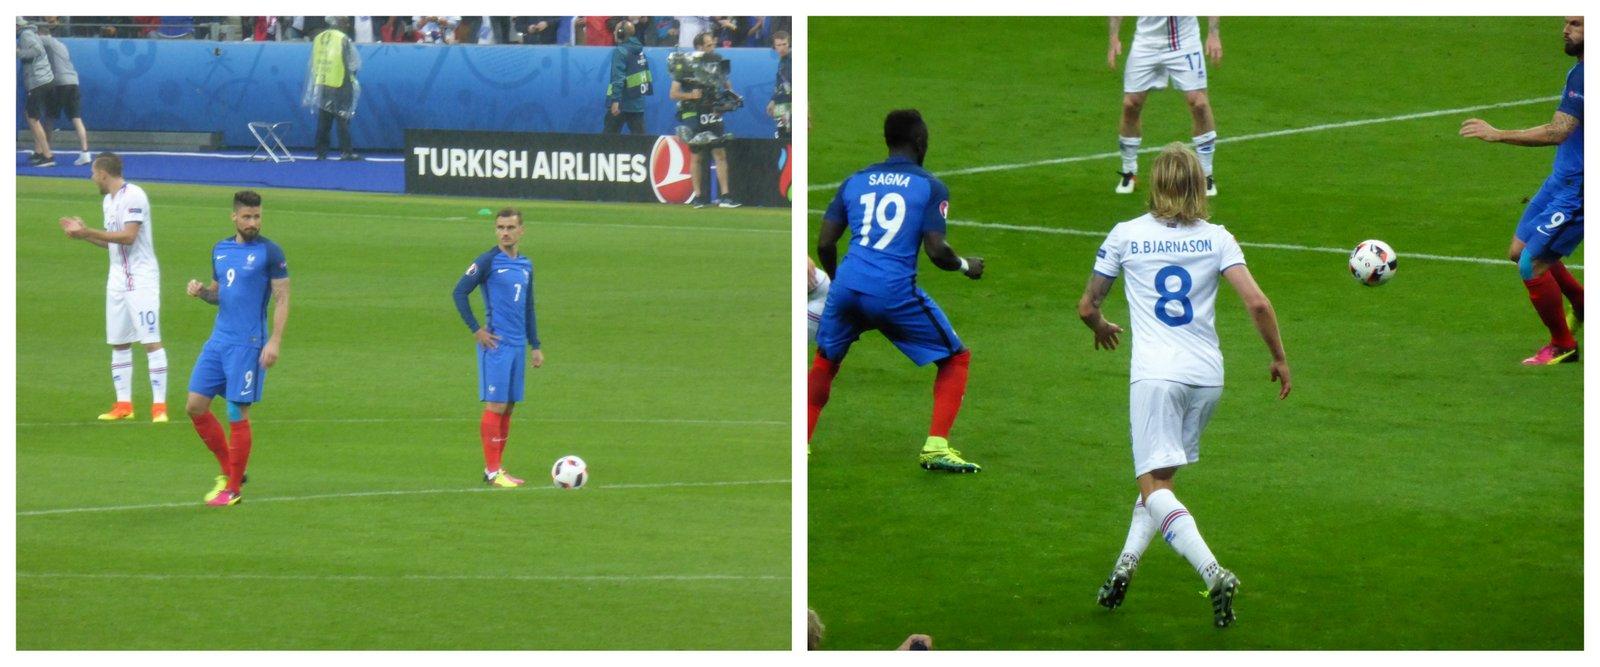 Le match des beaux mecs sur le terrain: Antoine Griezman pour les Bleus et Birkir Bjarnason pour les Islandais. Photo Travel and Film